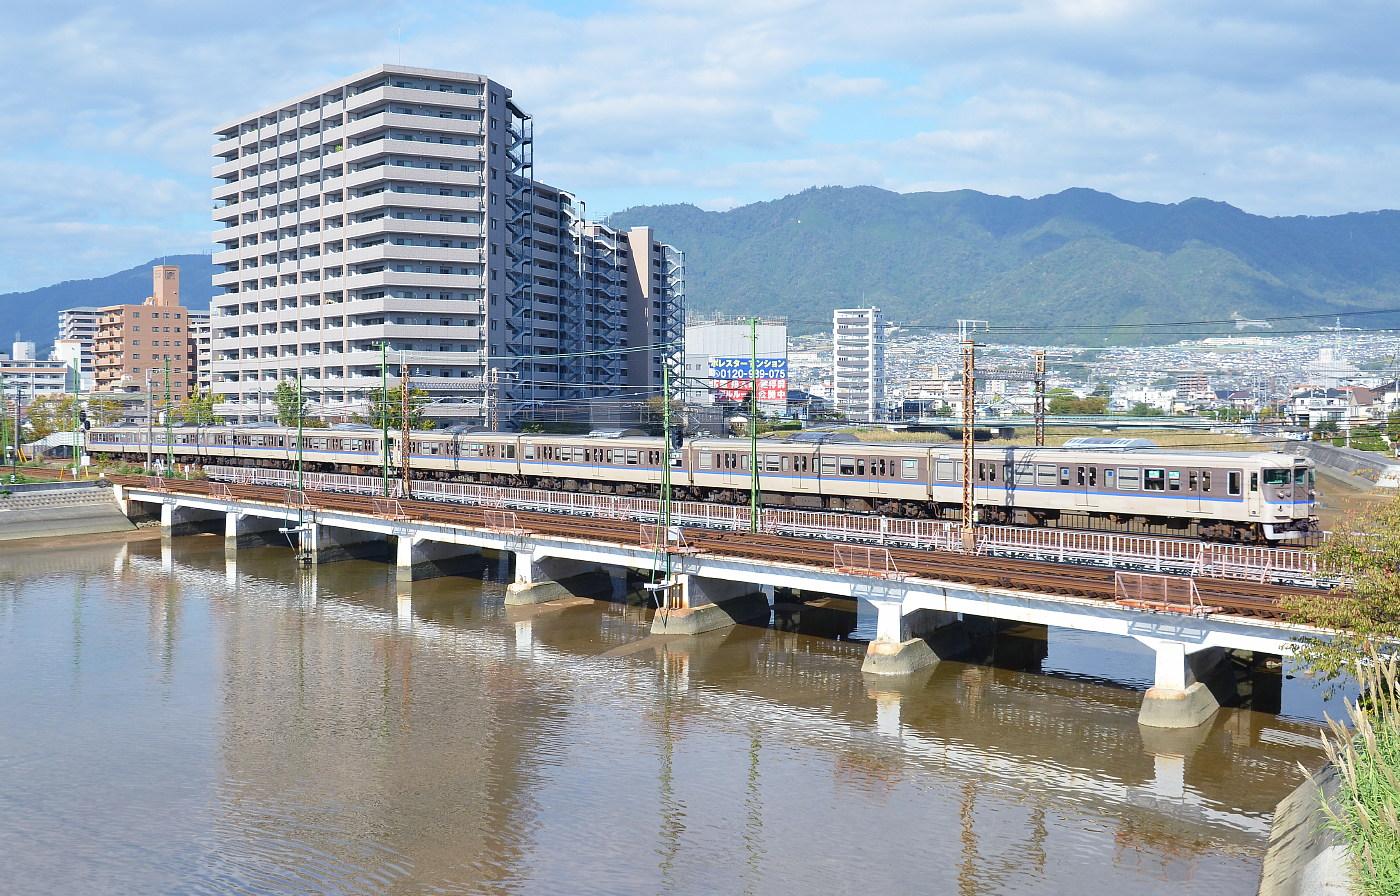 いつもの八幡川・・・'12年10月19日_a0251146_23245265.jpg